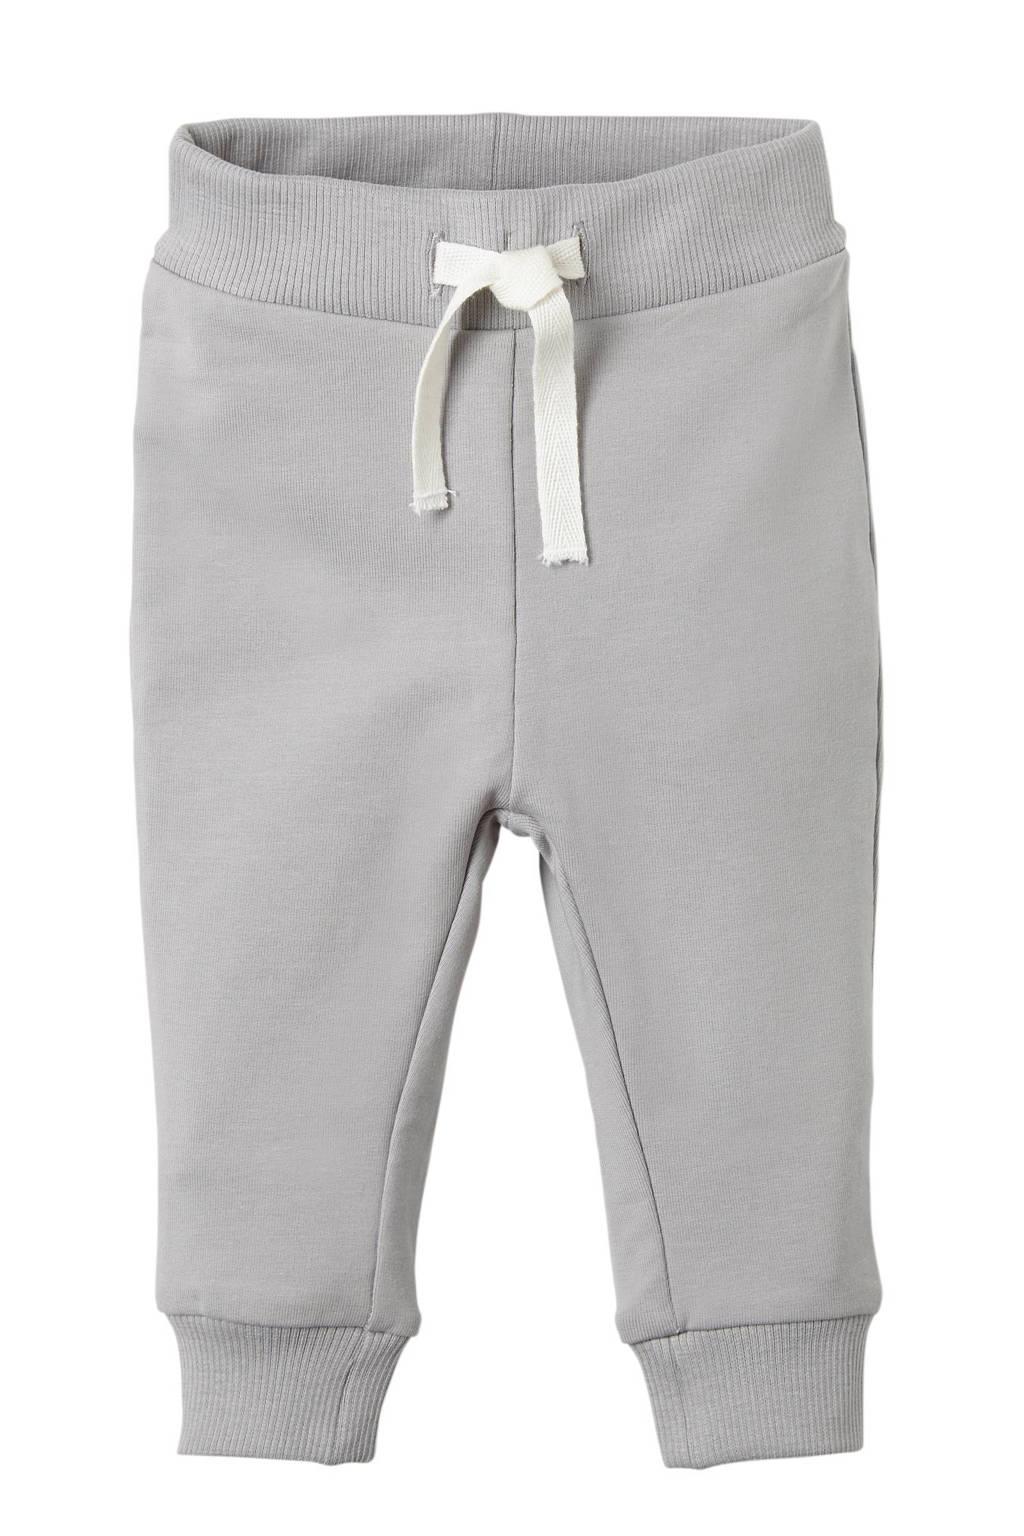 NAME IT BABY joggingbroek licht grijs, Licht grijs